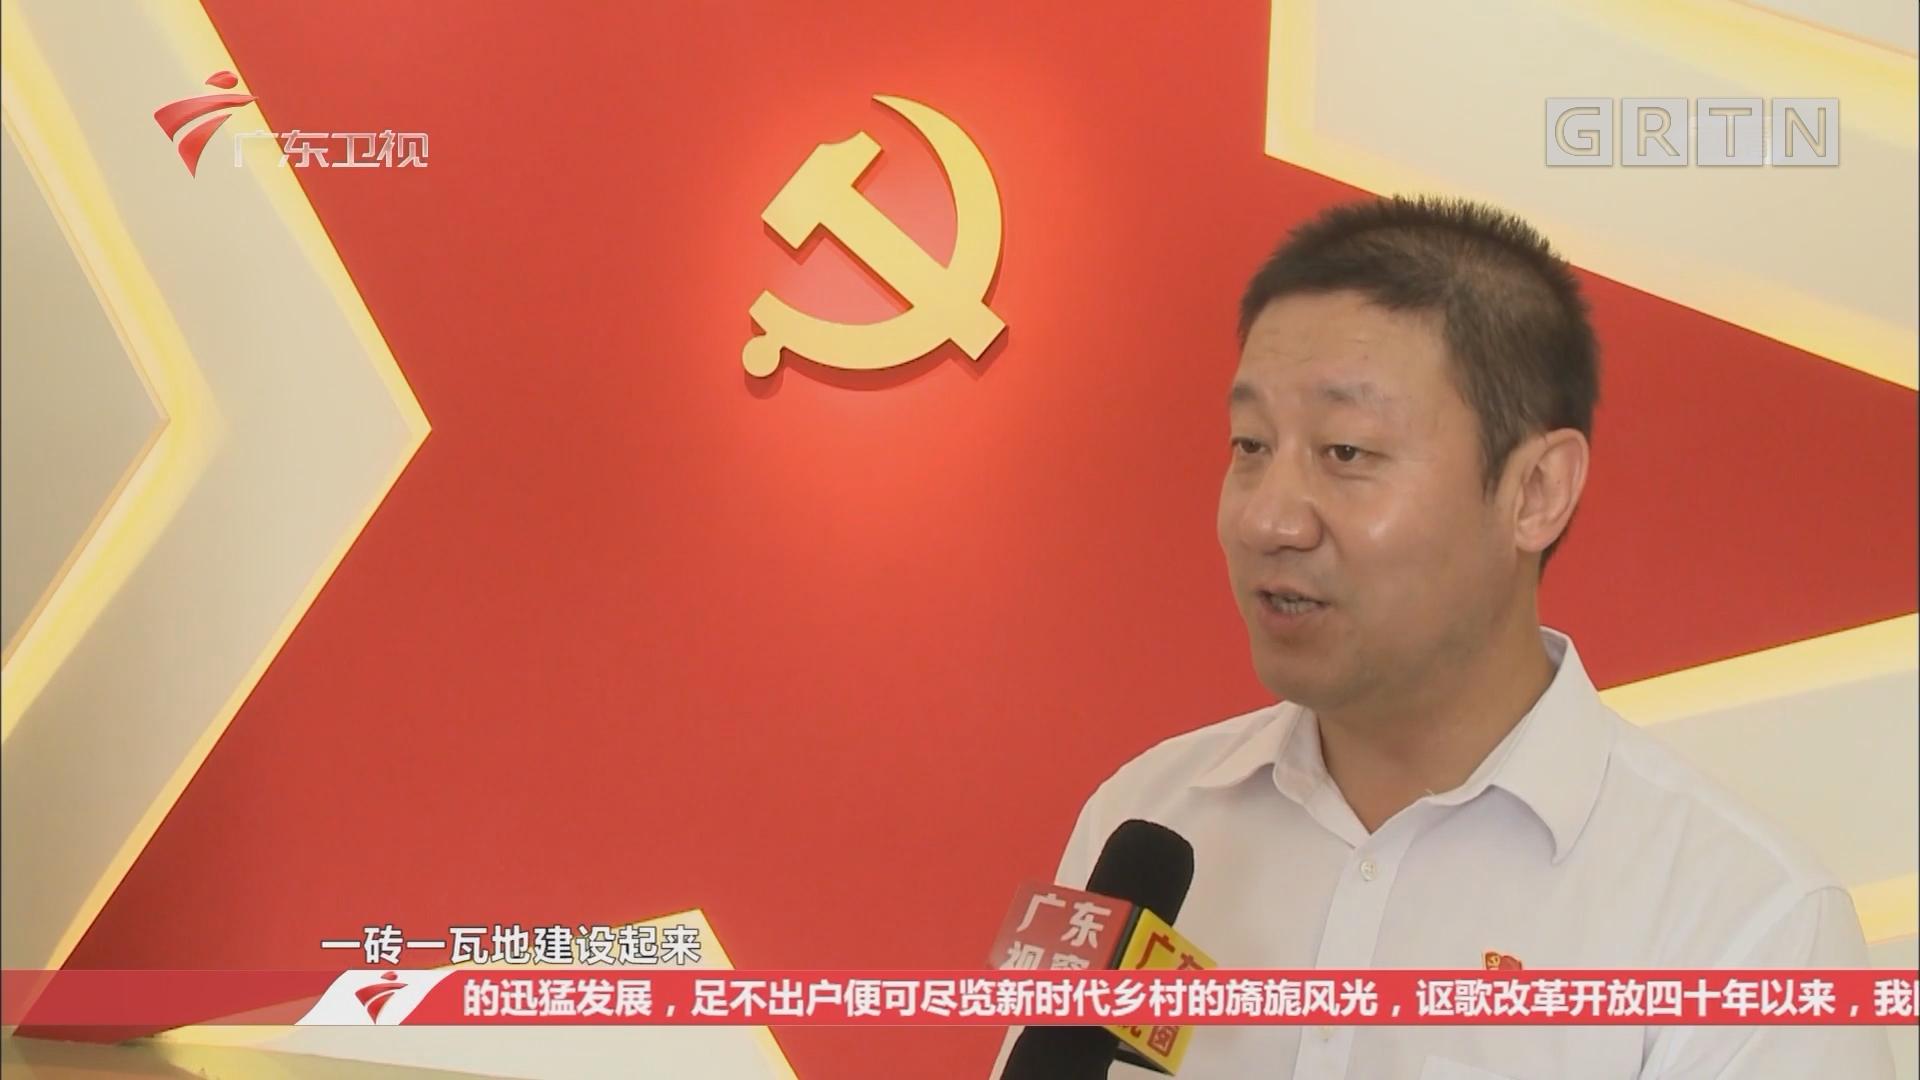 [HD][2018-08-18]广东视窗:江门新会区双水镇:初心不忘六十载 牢记使命再出发